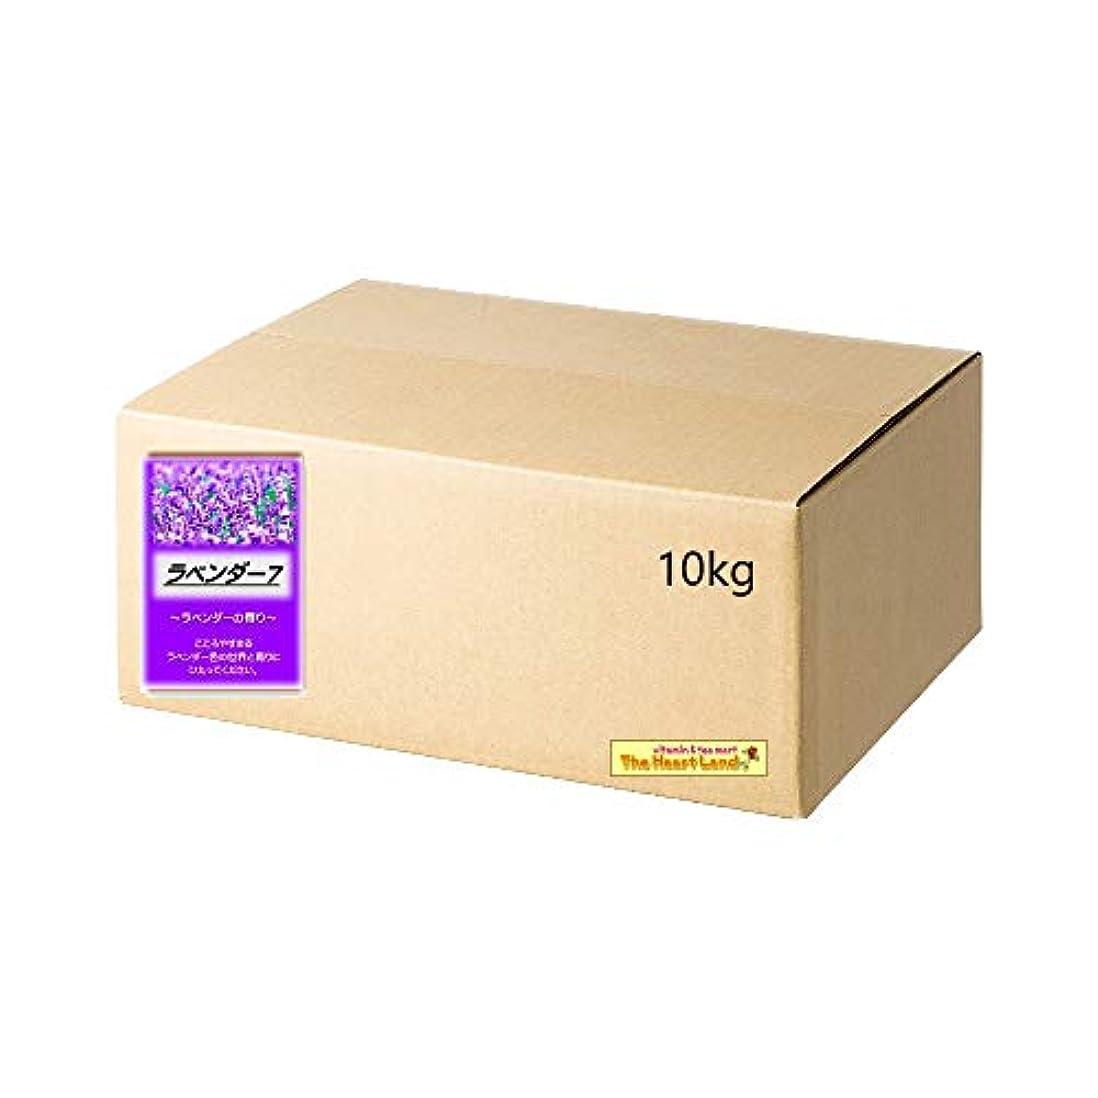 装置行商偉業アサヒ入浴剤 浴用入浴化粧品 ラベンダー7 10kg